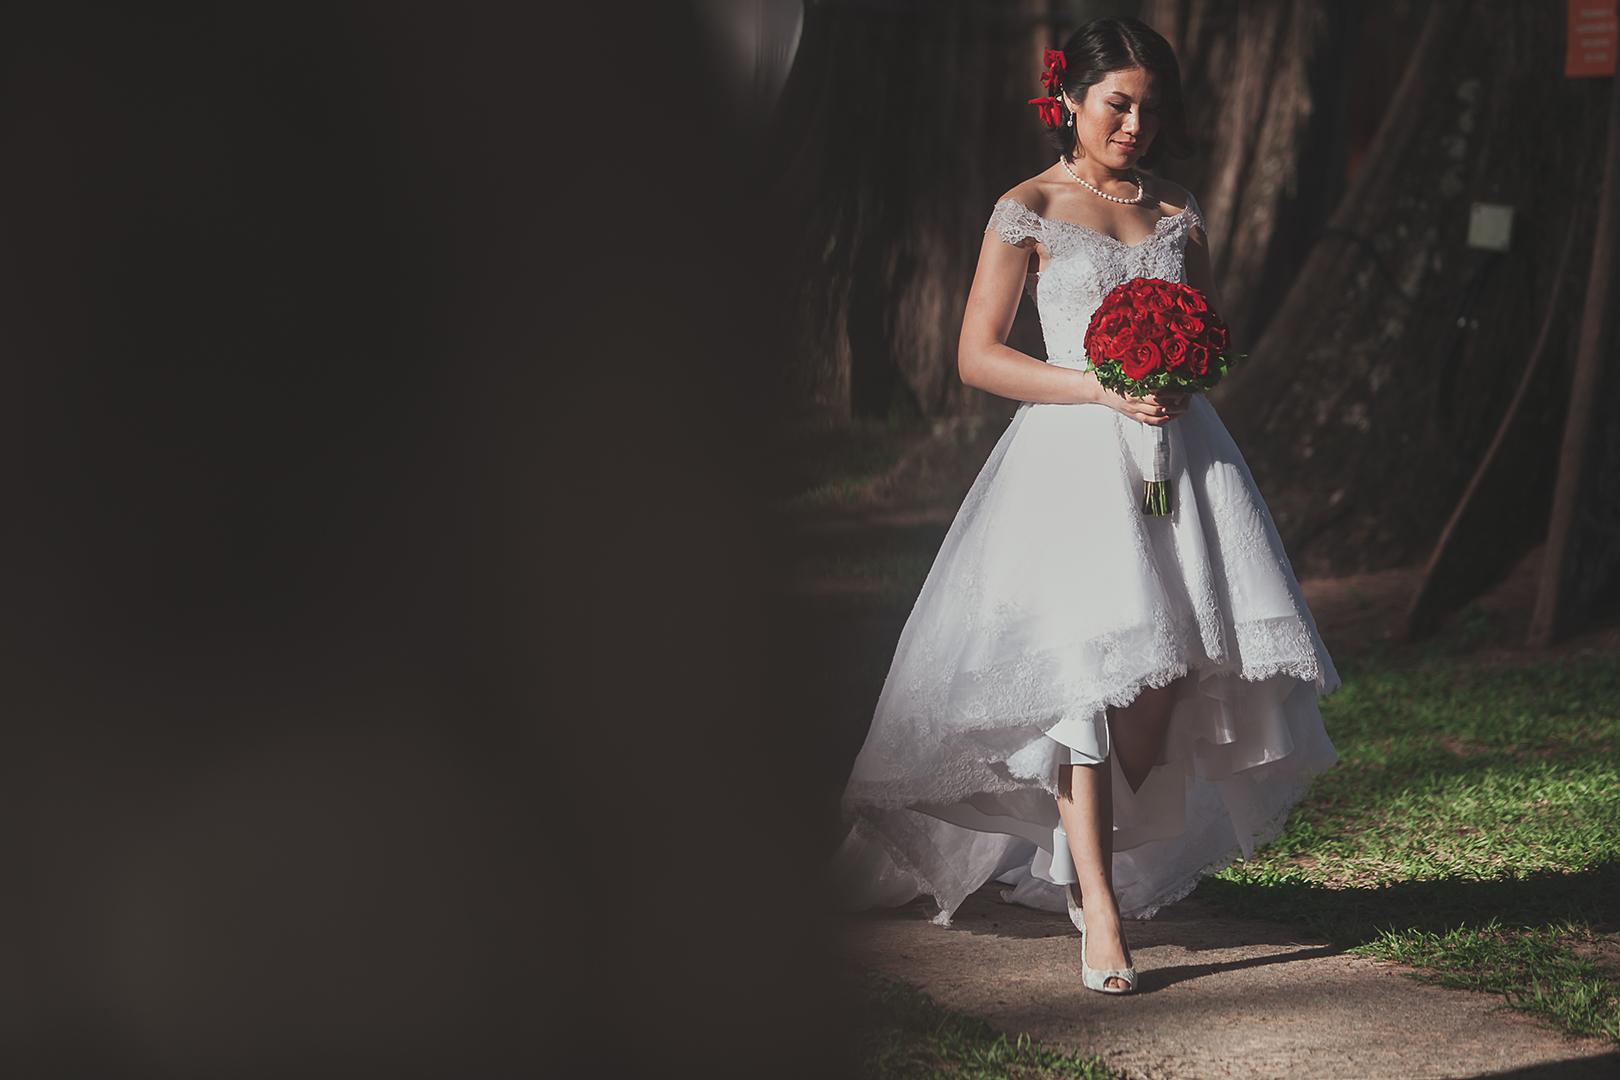 Lydia hoon keng emmanuel haute couture penang wedding dresses brid - Emmanuel haute couture ...